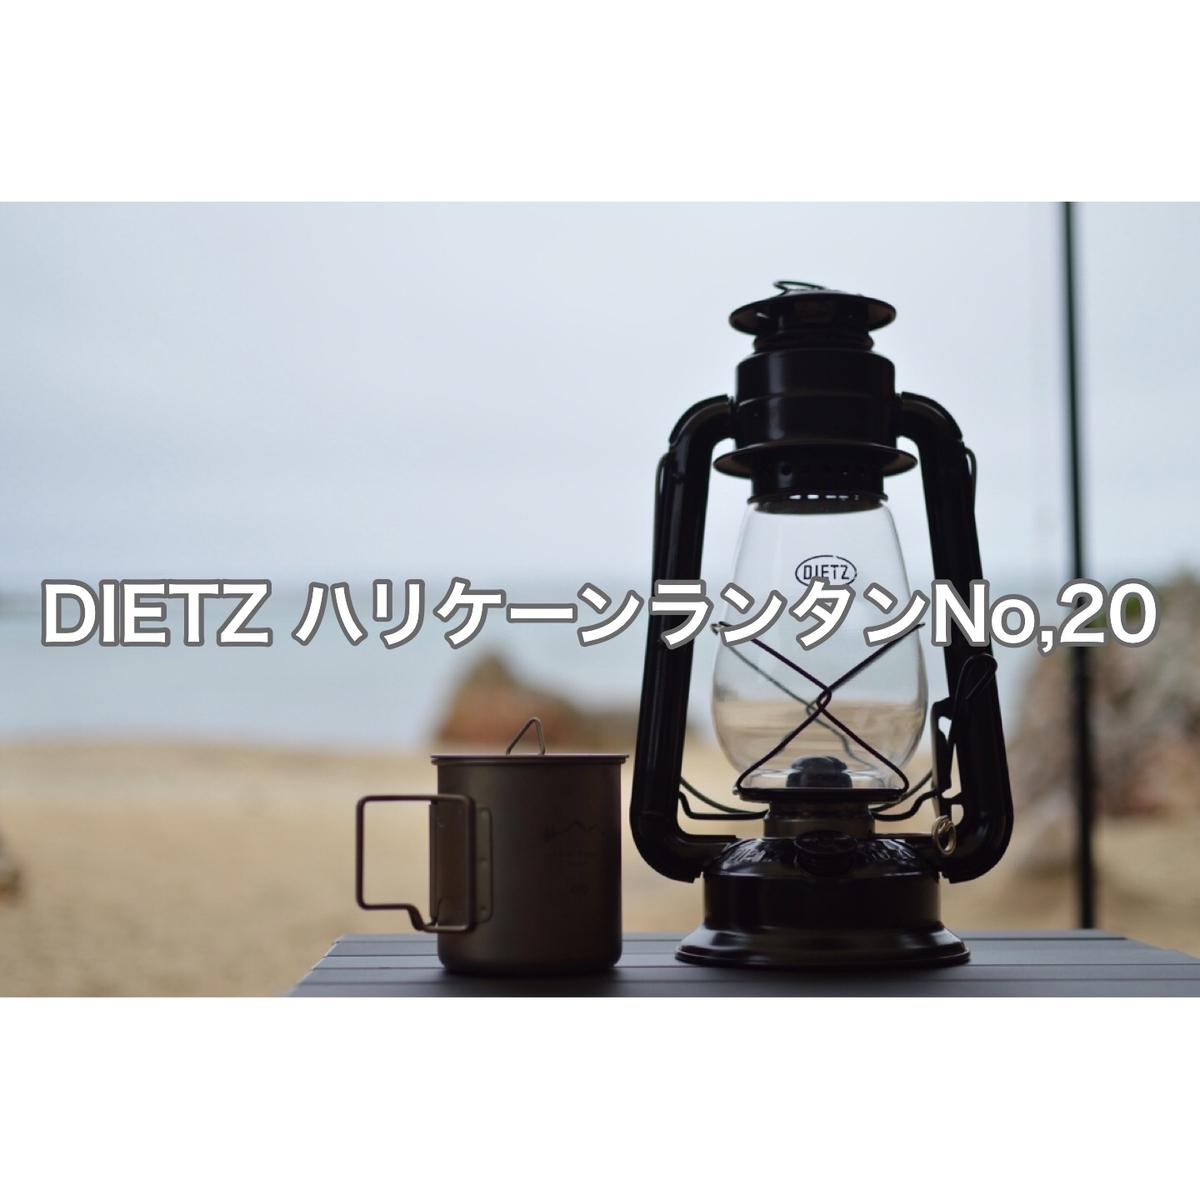 f:id:ushisaku:20190422185450j:plain